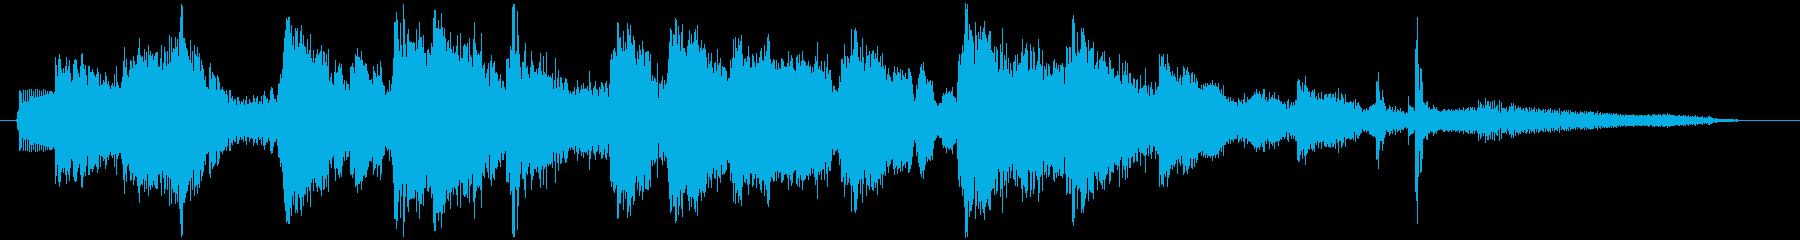 ジャズサックスがセクシーな夜のジングルの再生済みの波形